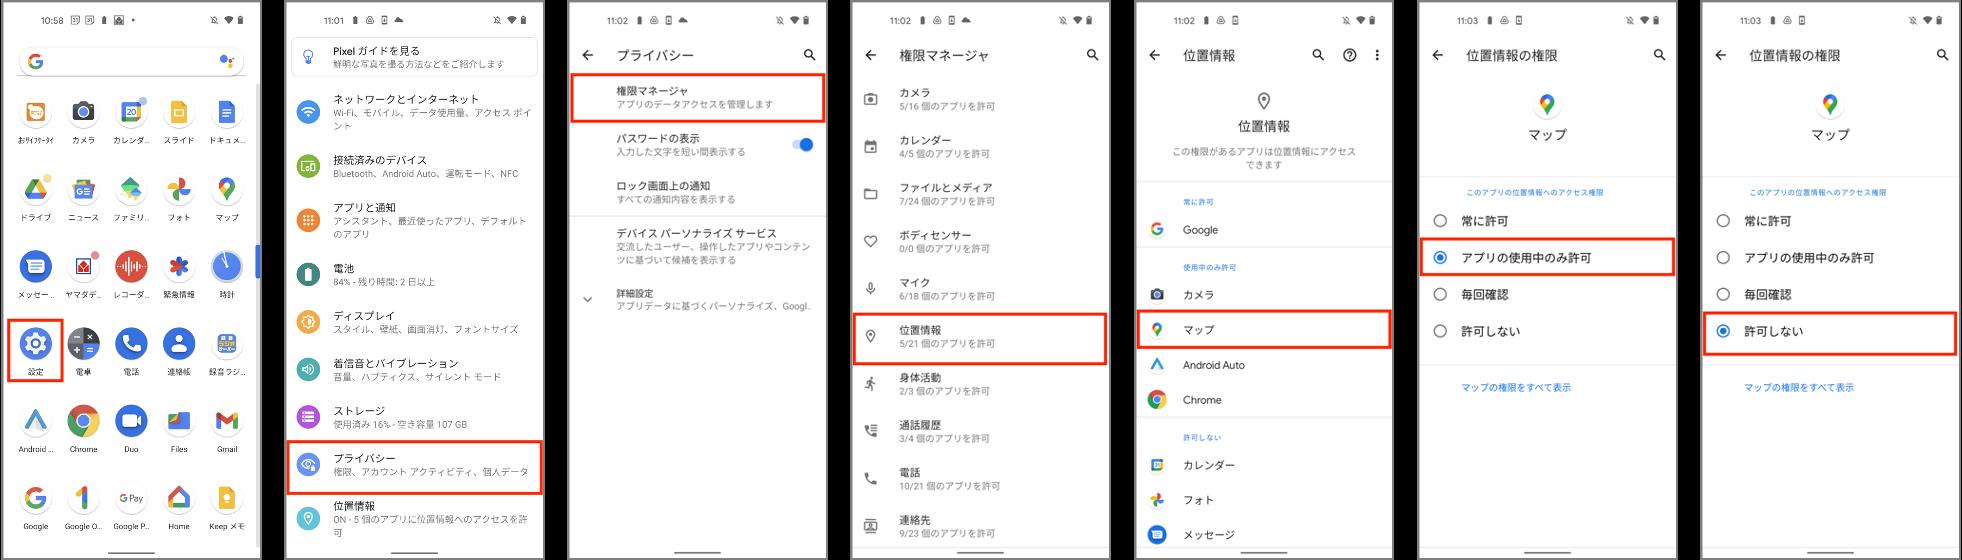 アプリでの位置情報等のデータ送信拒否Androidの場合